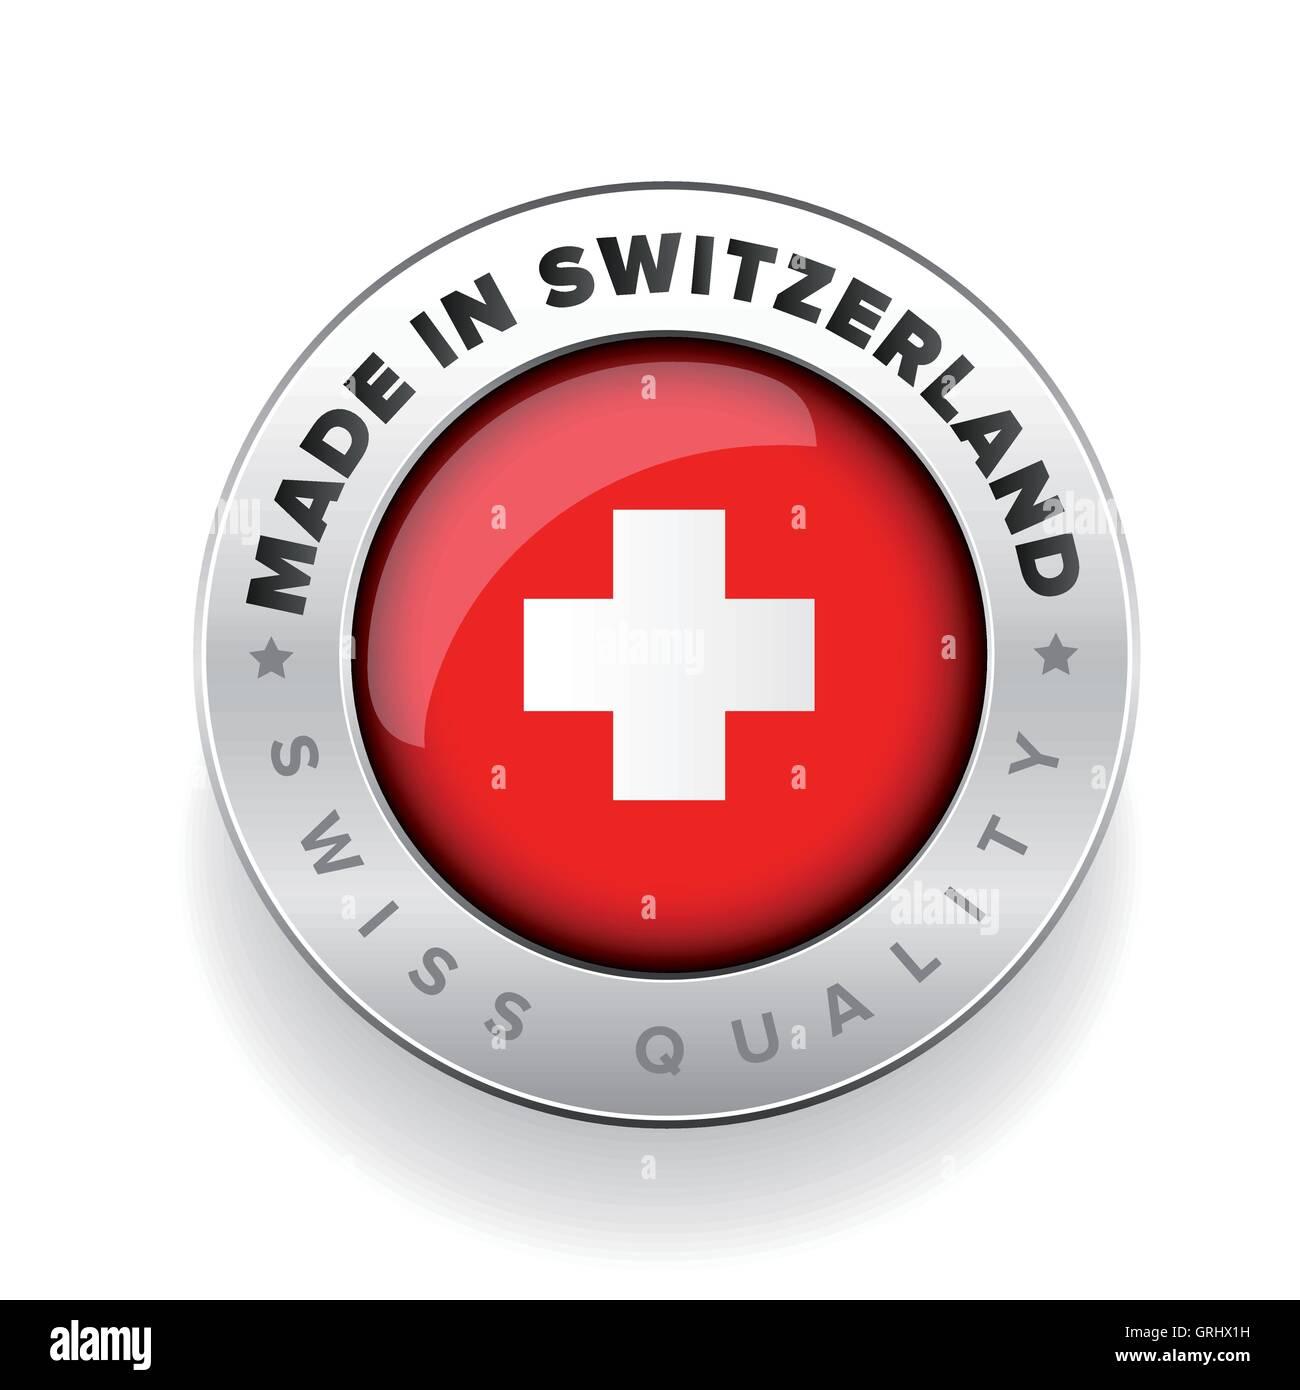 Made in Switzerland. Swiss made - Stock Image